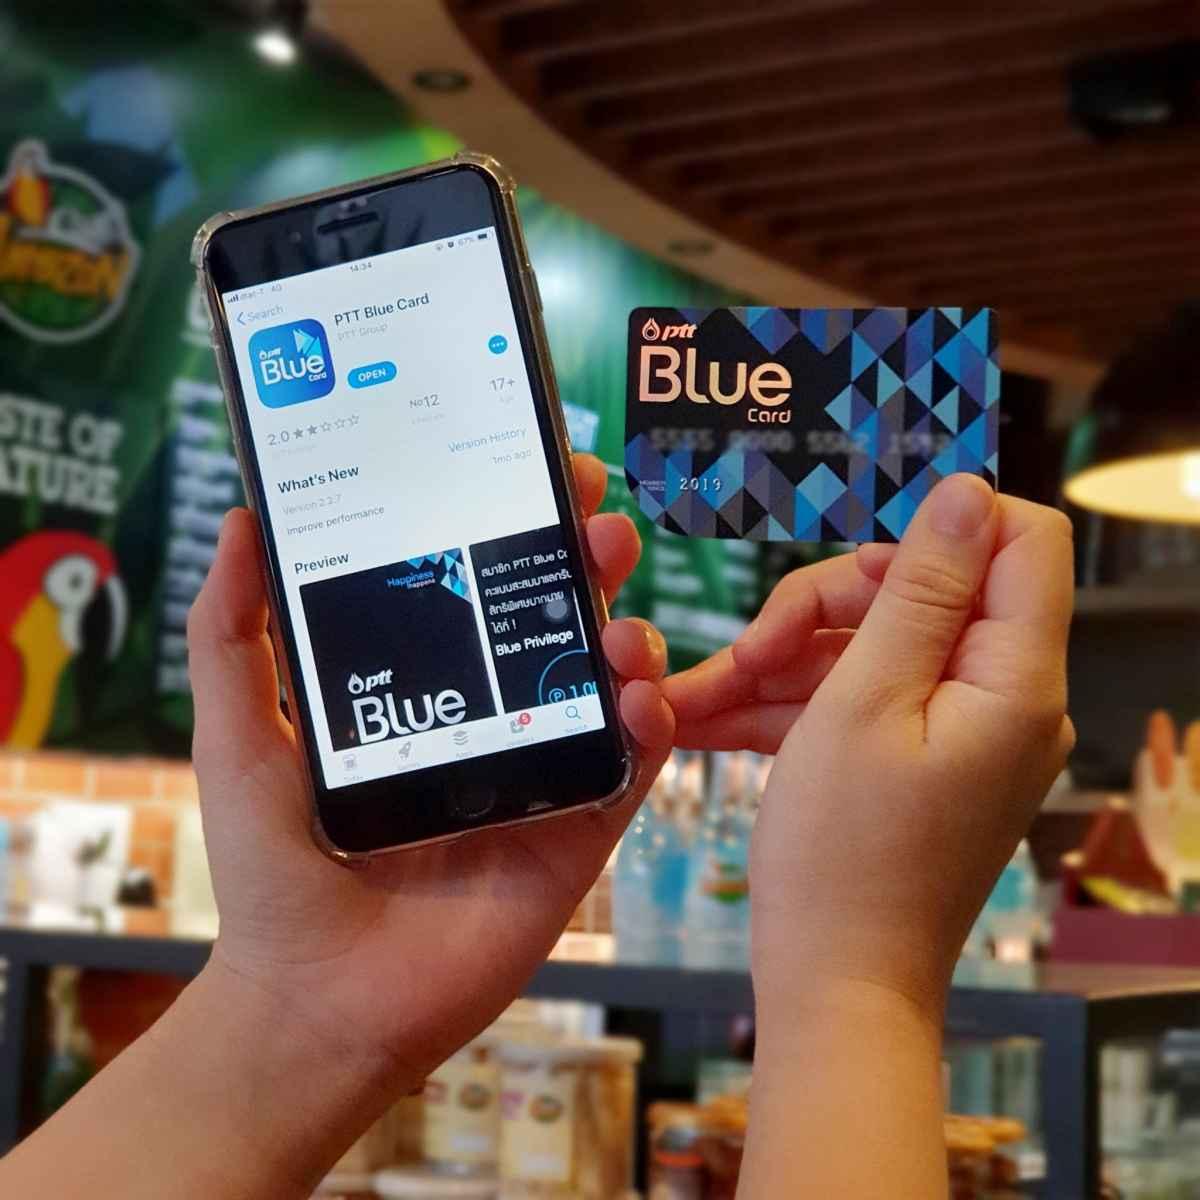 PTT Blue Card App